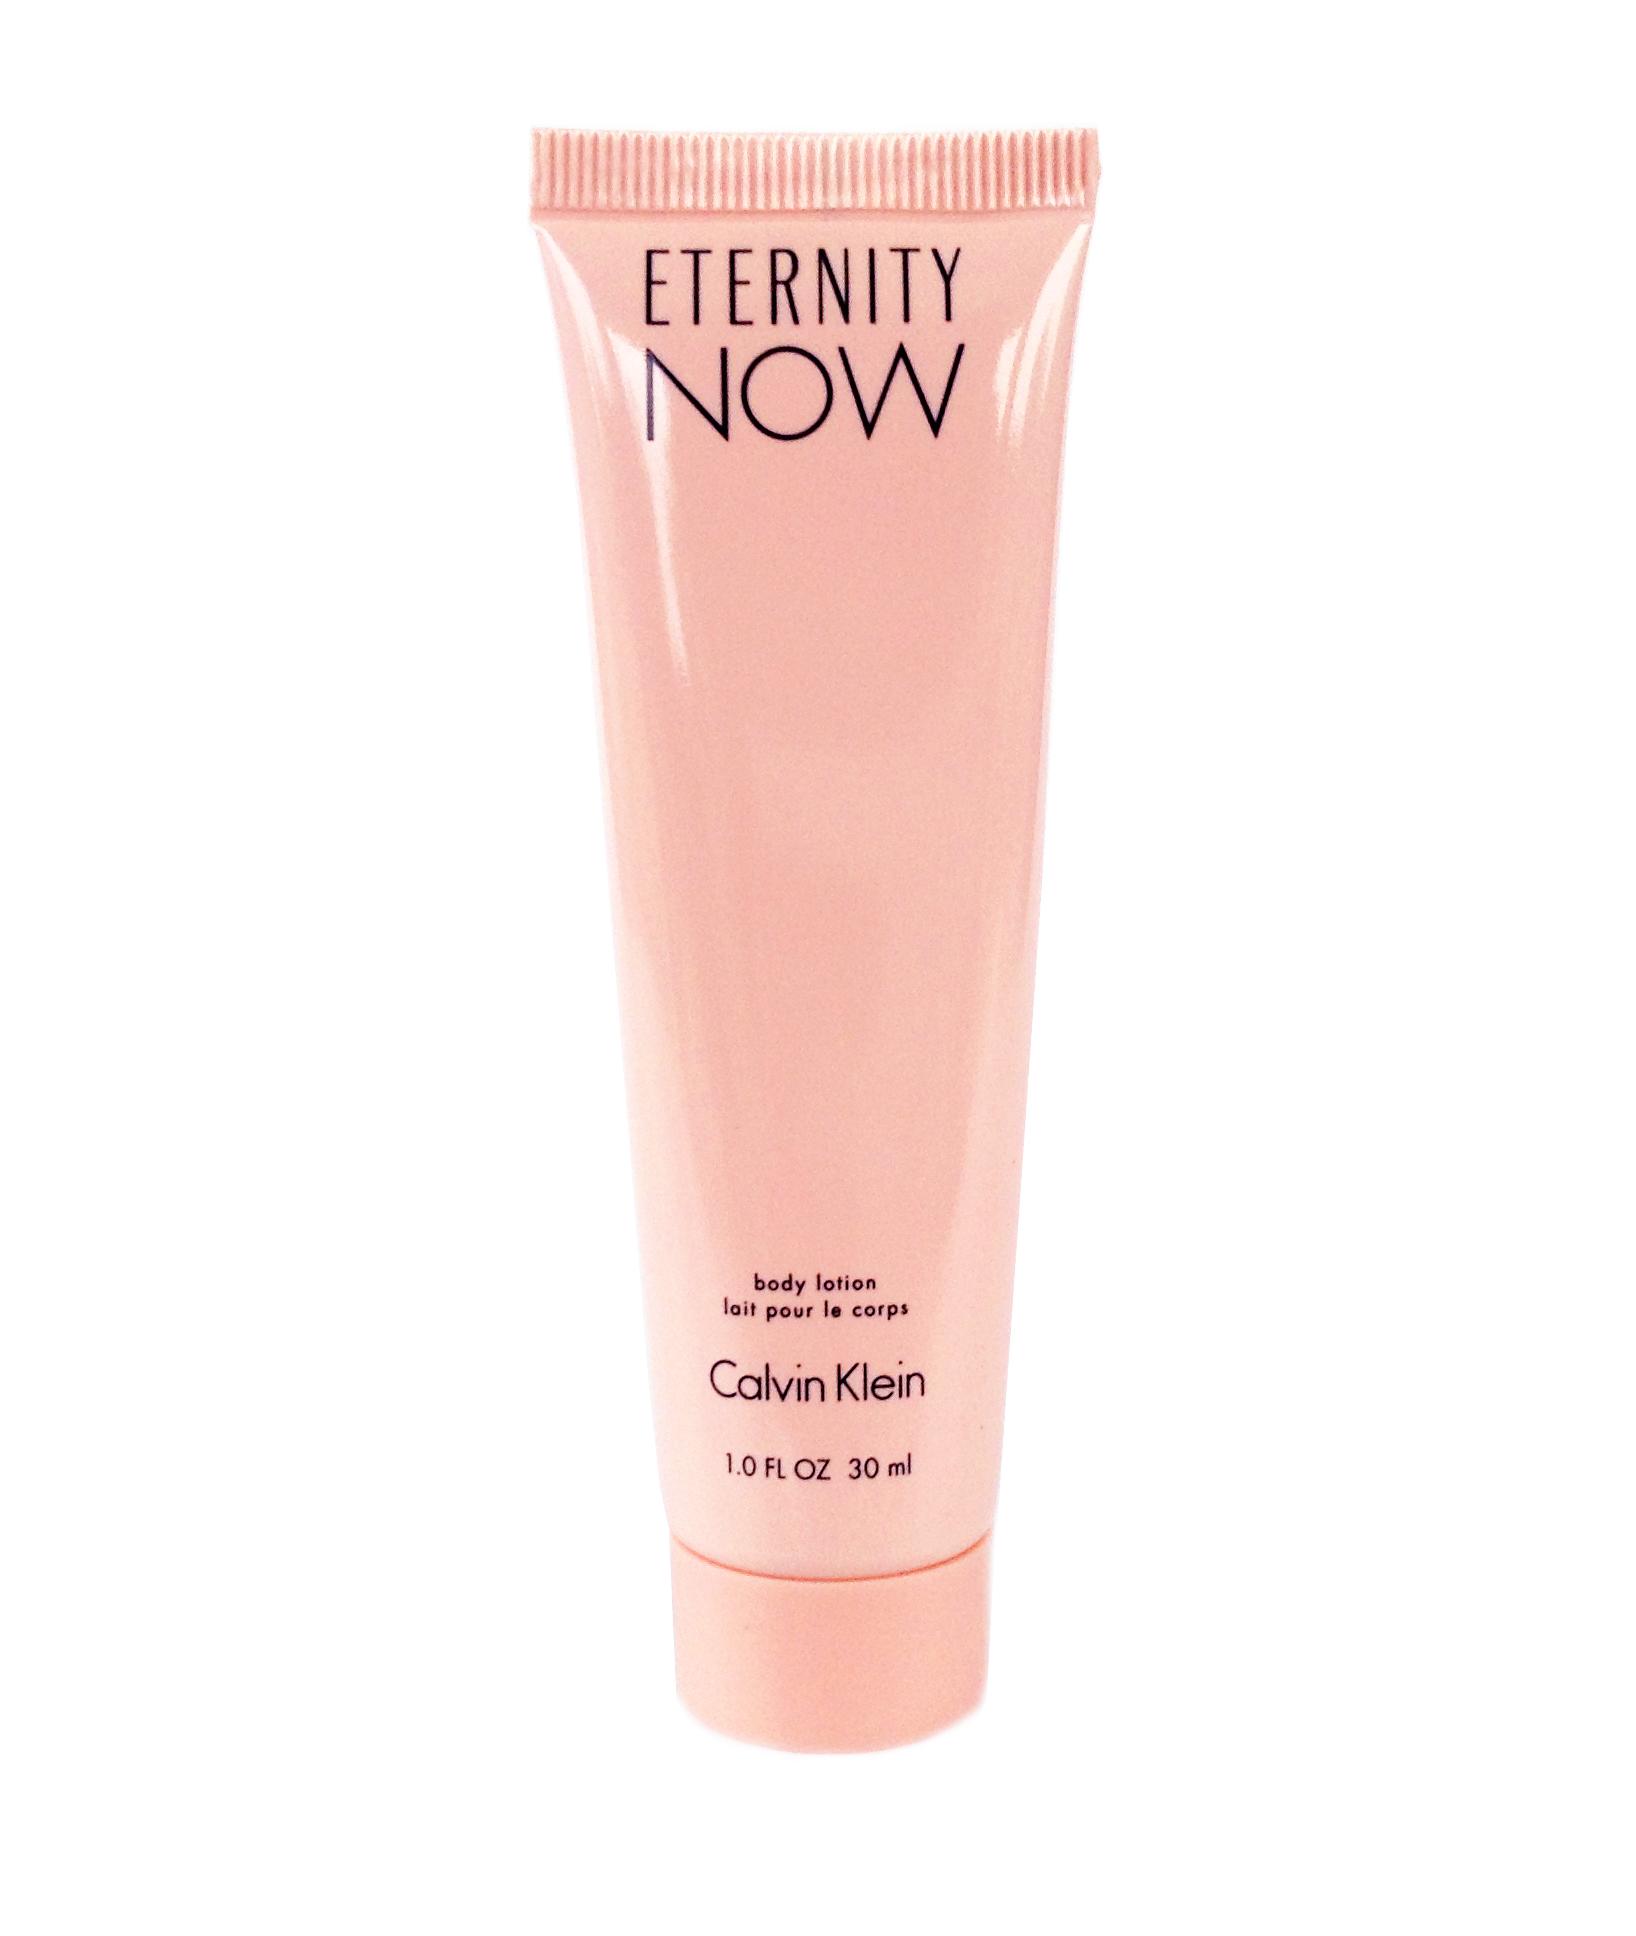 โลชั่นน้ำหอม Calvin Klein Eternity Now Body Lotion for Women ขนาด 30ml.